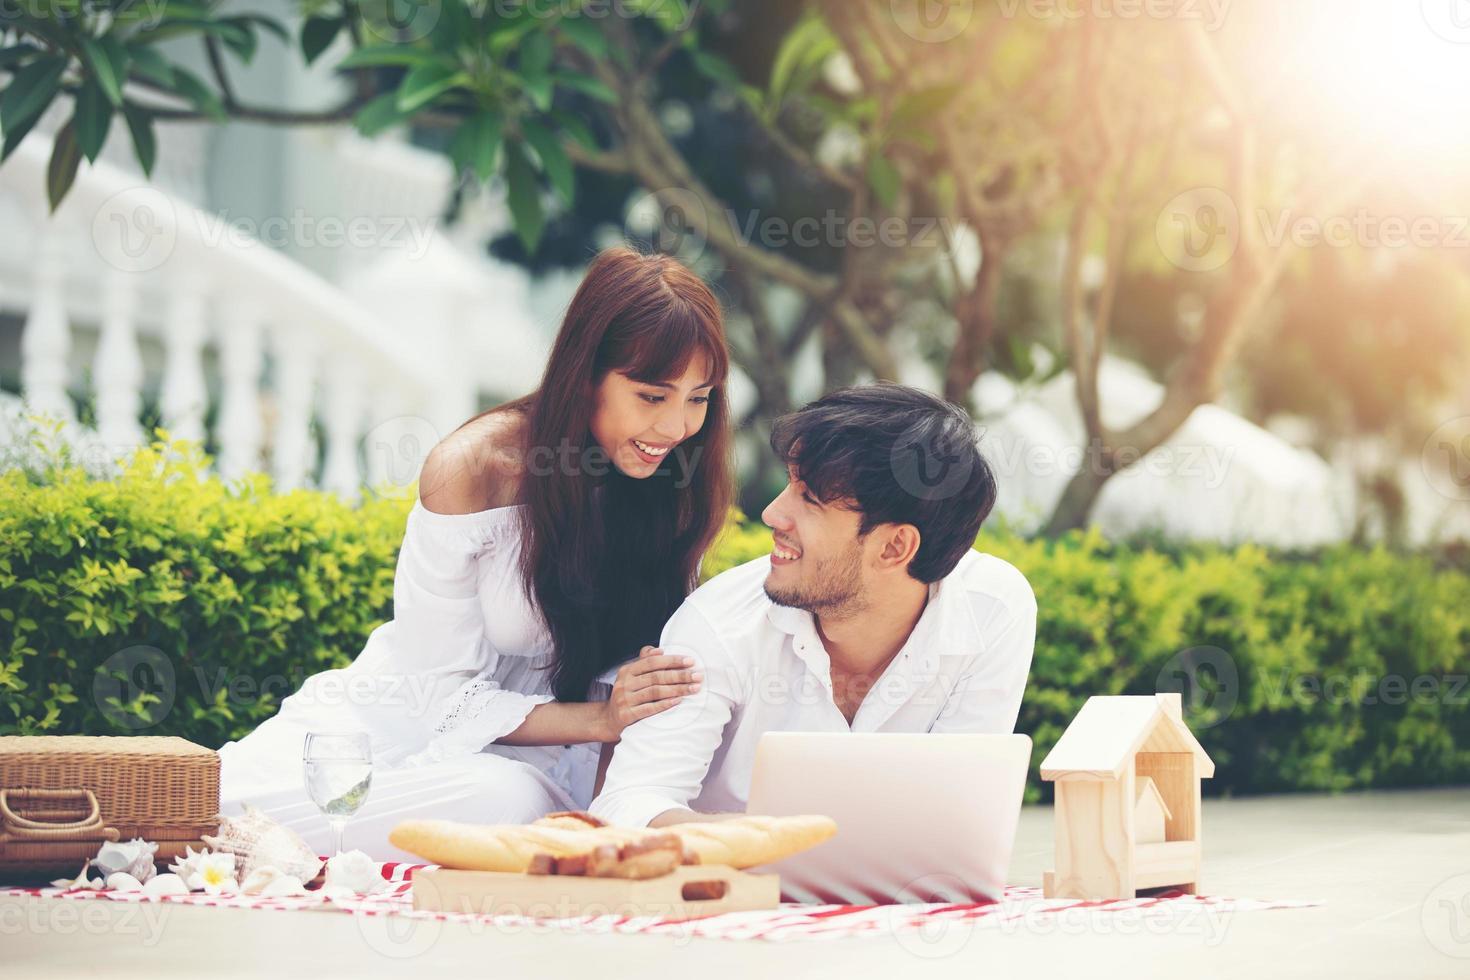 Amantes de casais românticos felizes conversando e bebendo vinho enquanto fazem um piquenique em casa foto